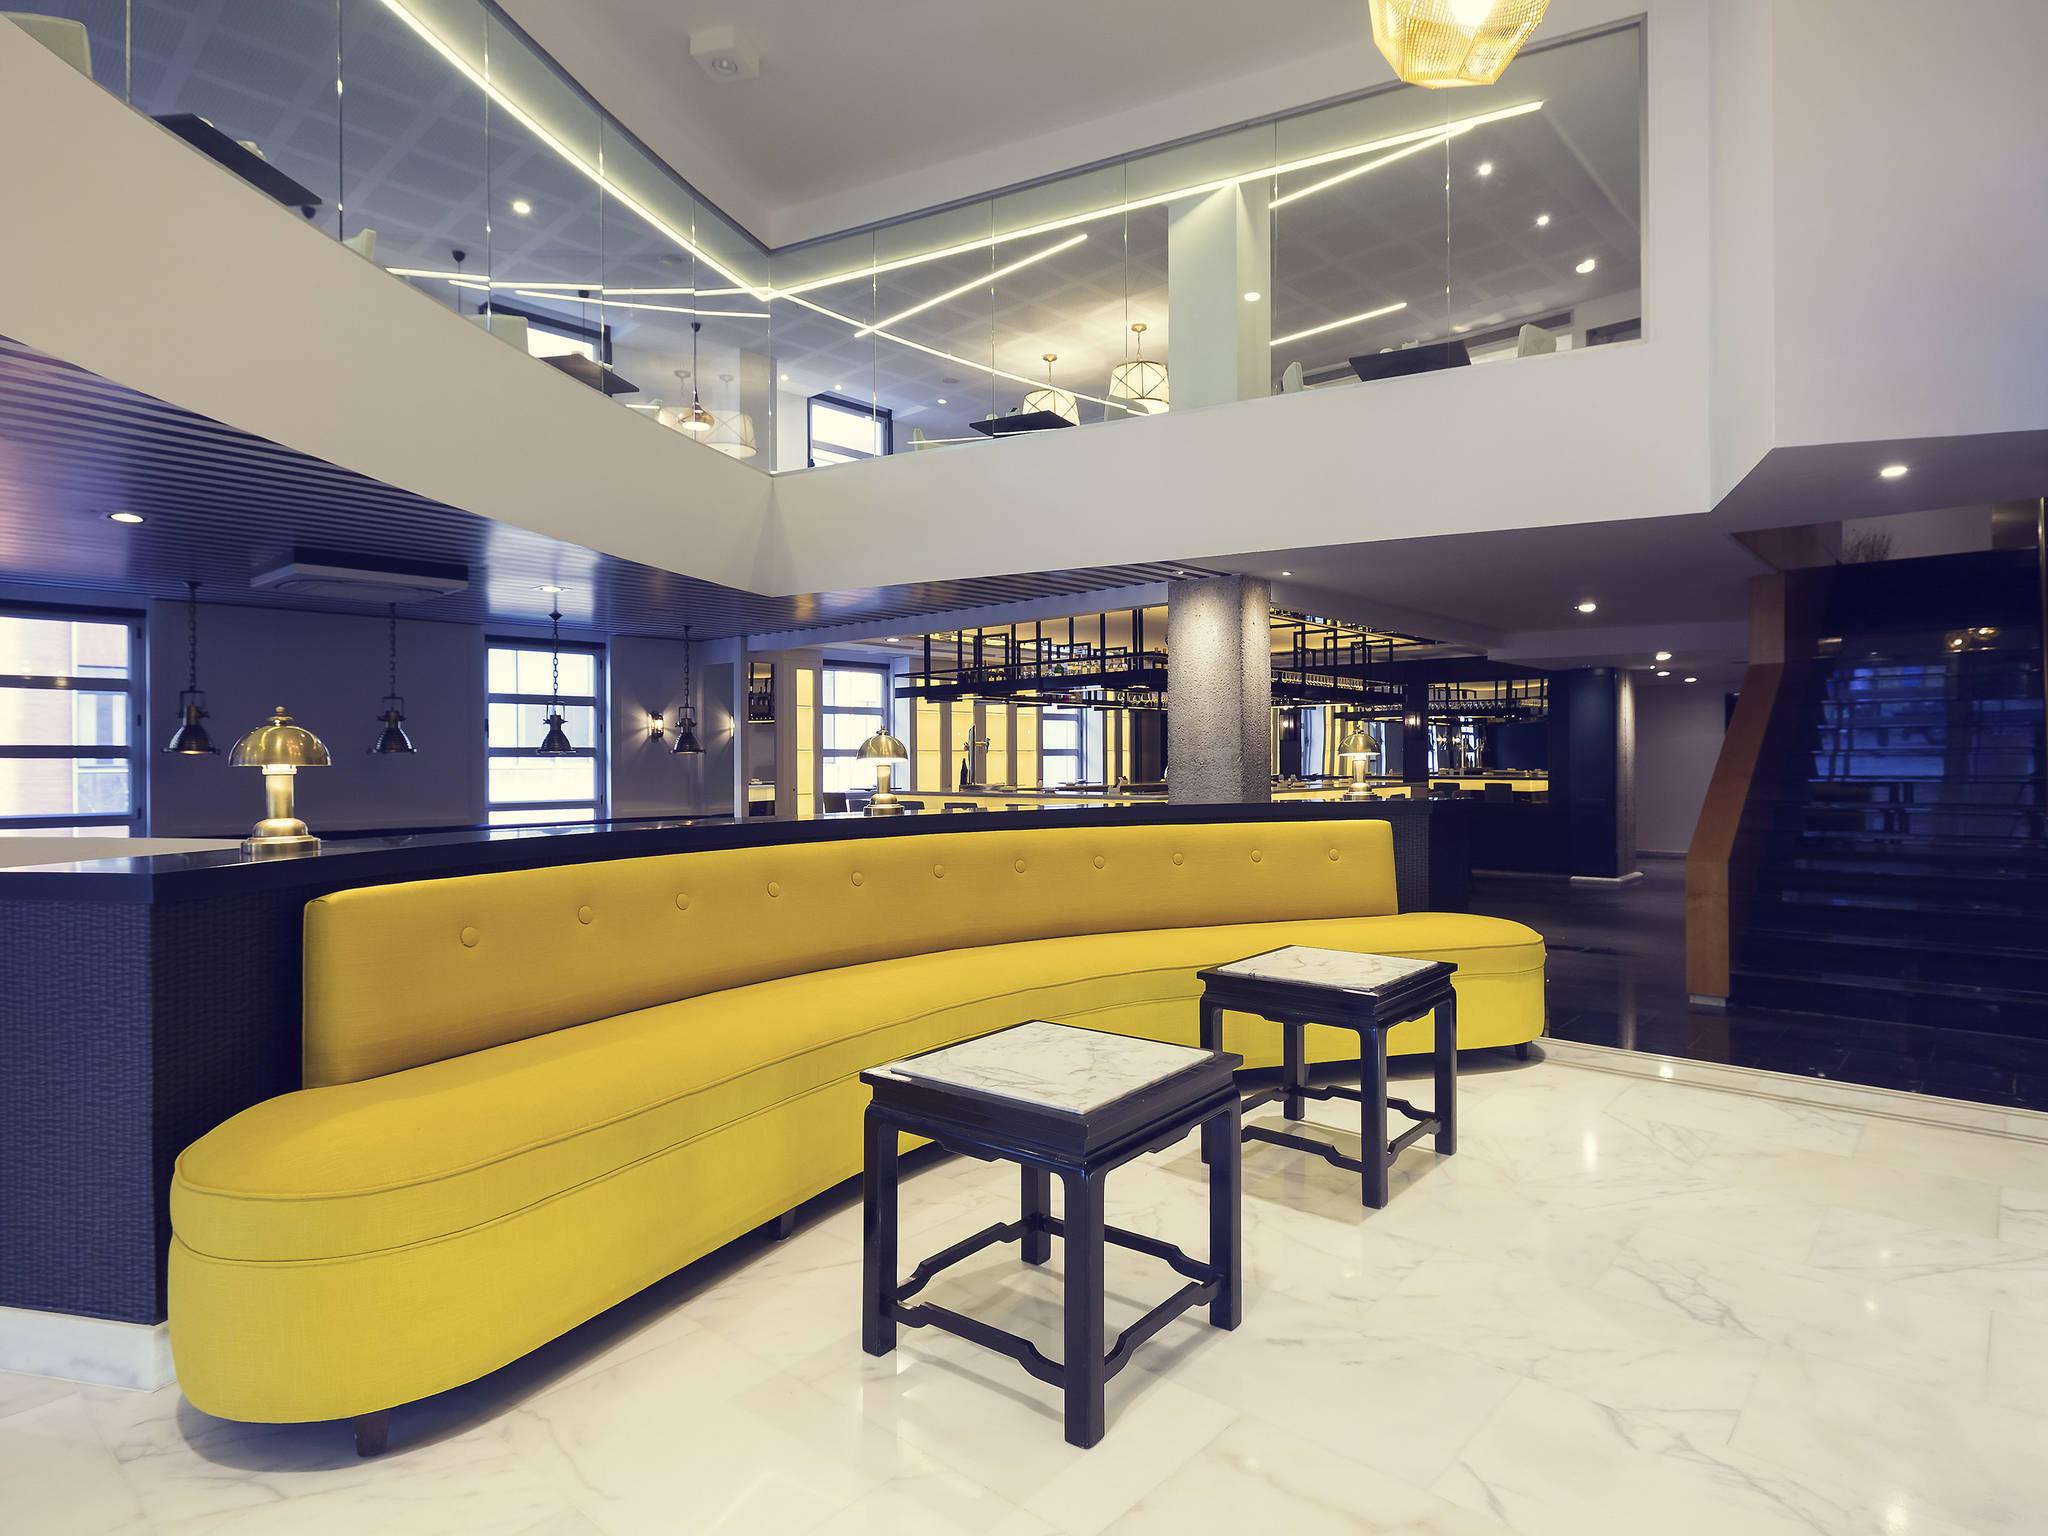 ホテル – メルキュール ビルバオ ジャルダン デ アルビア